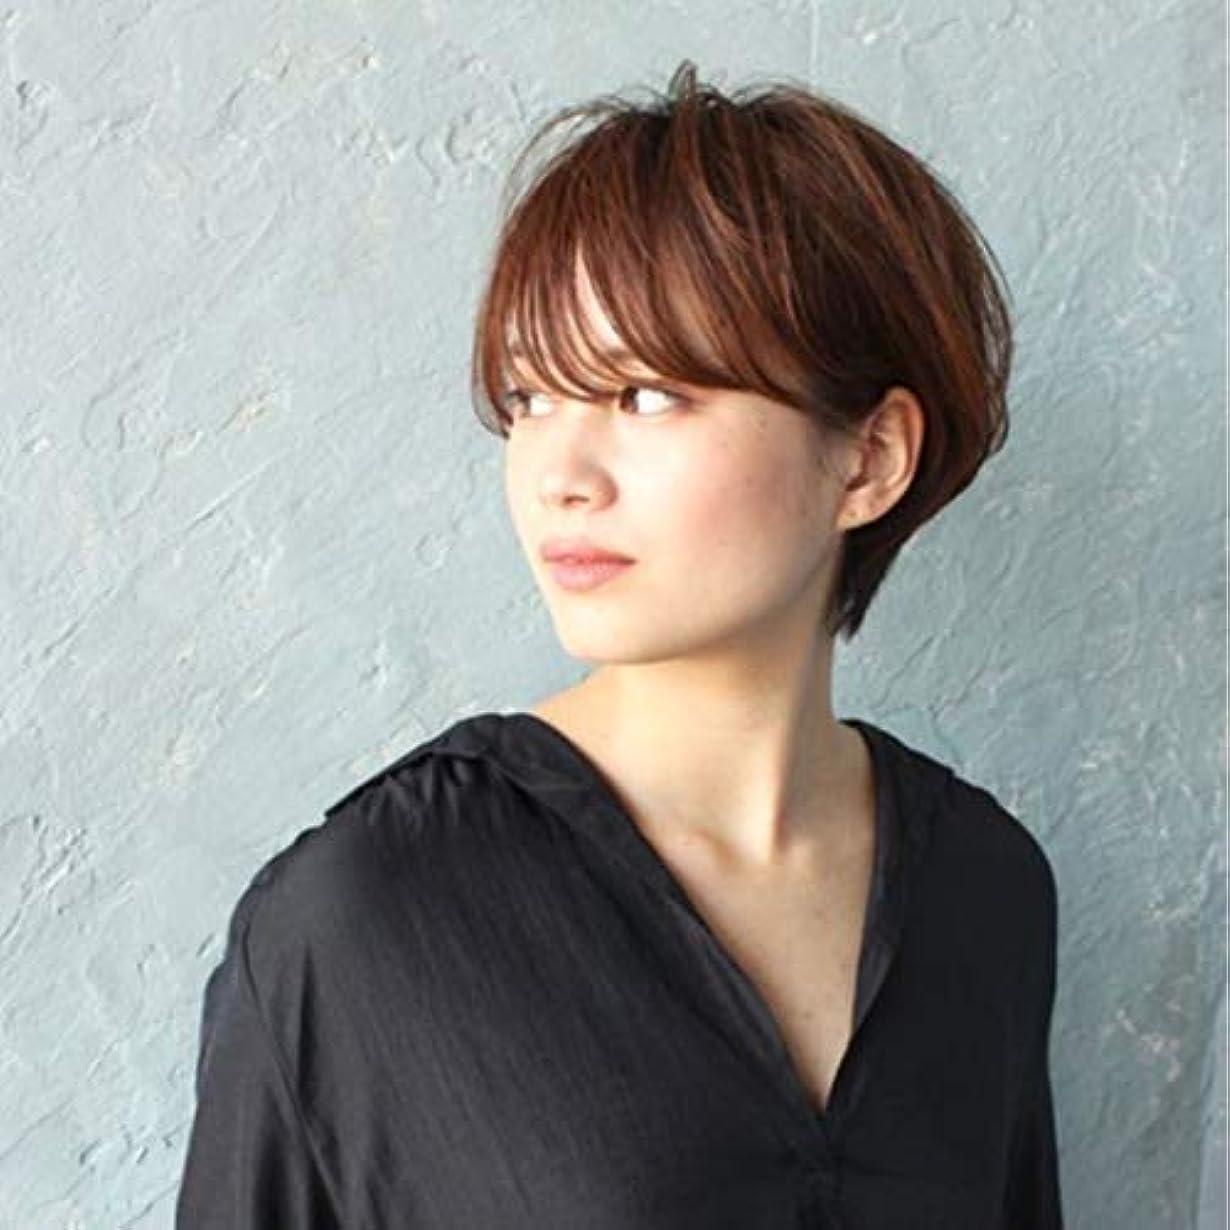 興奮トースト十分ですKerwinner ウィッグショートヘア斜め前髪ウィッグヘッドギア自然に見える耐熱性女性用 (Color : Light brown)